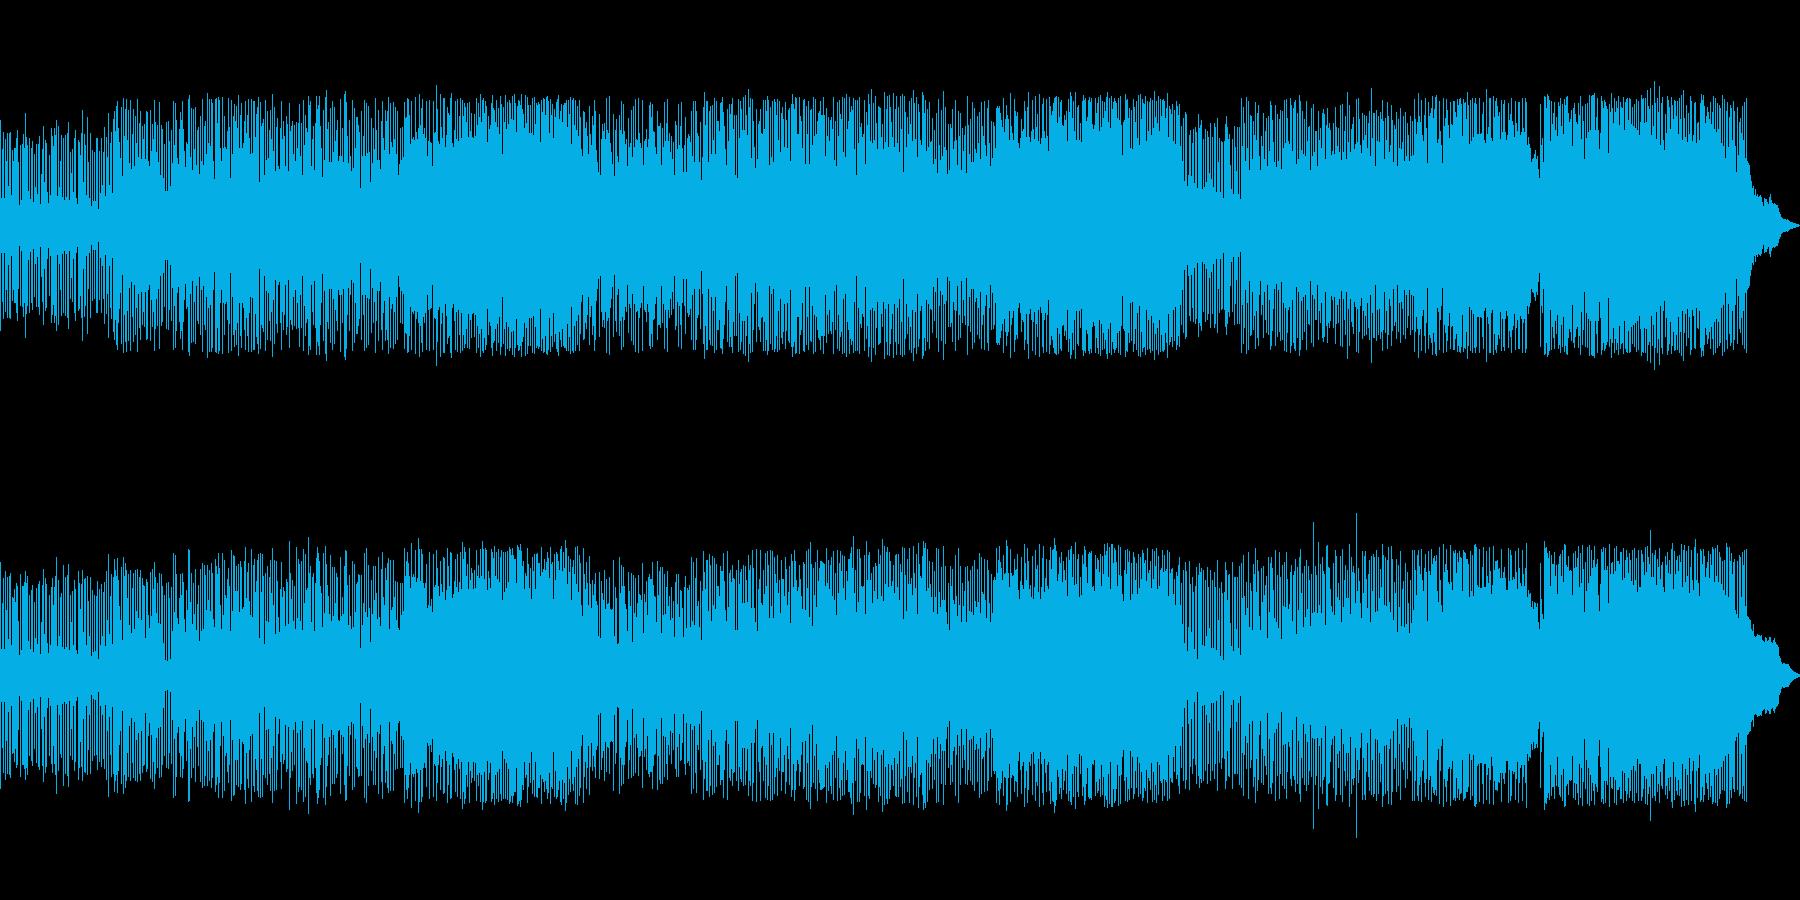 明るく元気の出る英語詞のギターポップの再生済みの波形